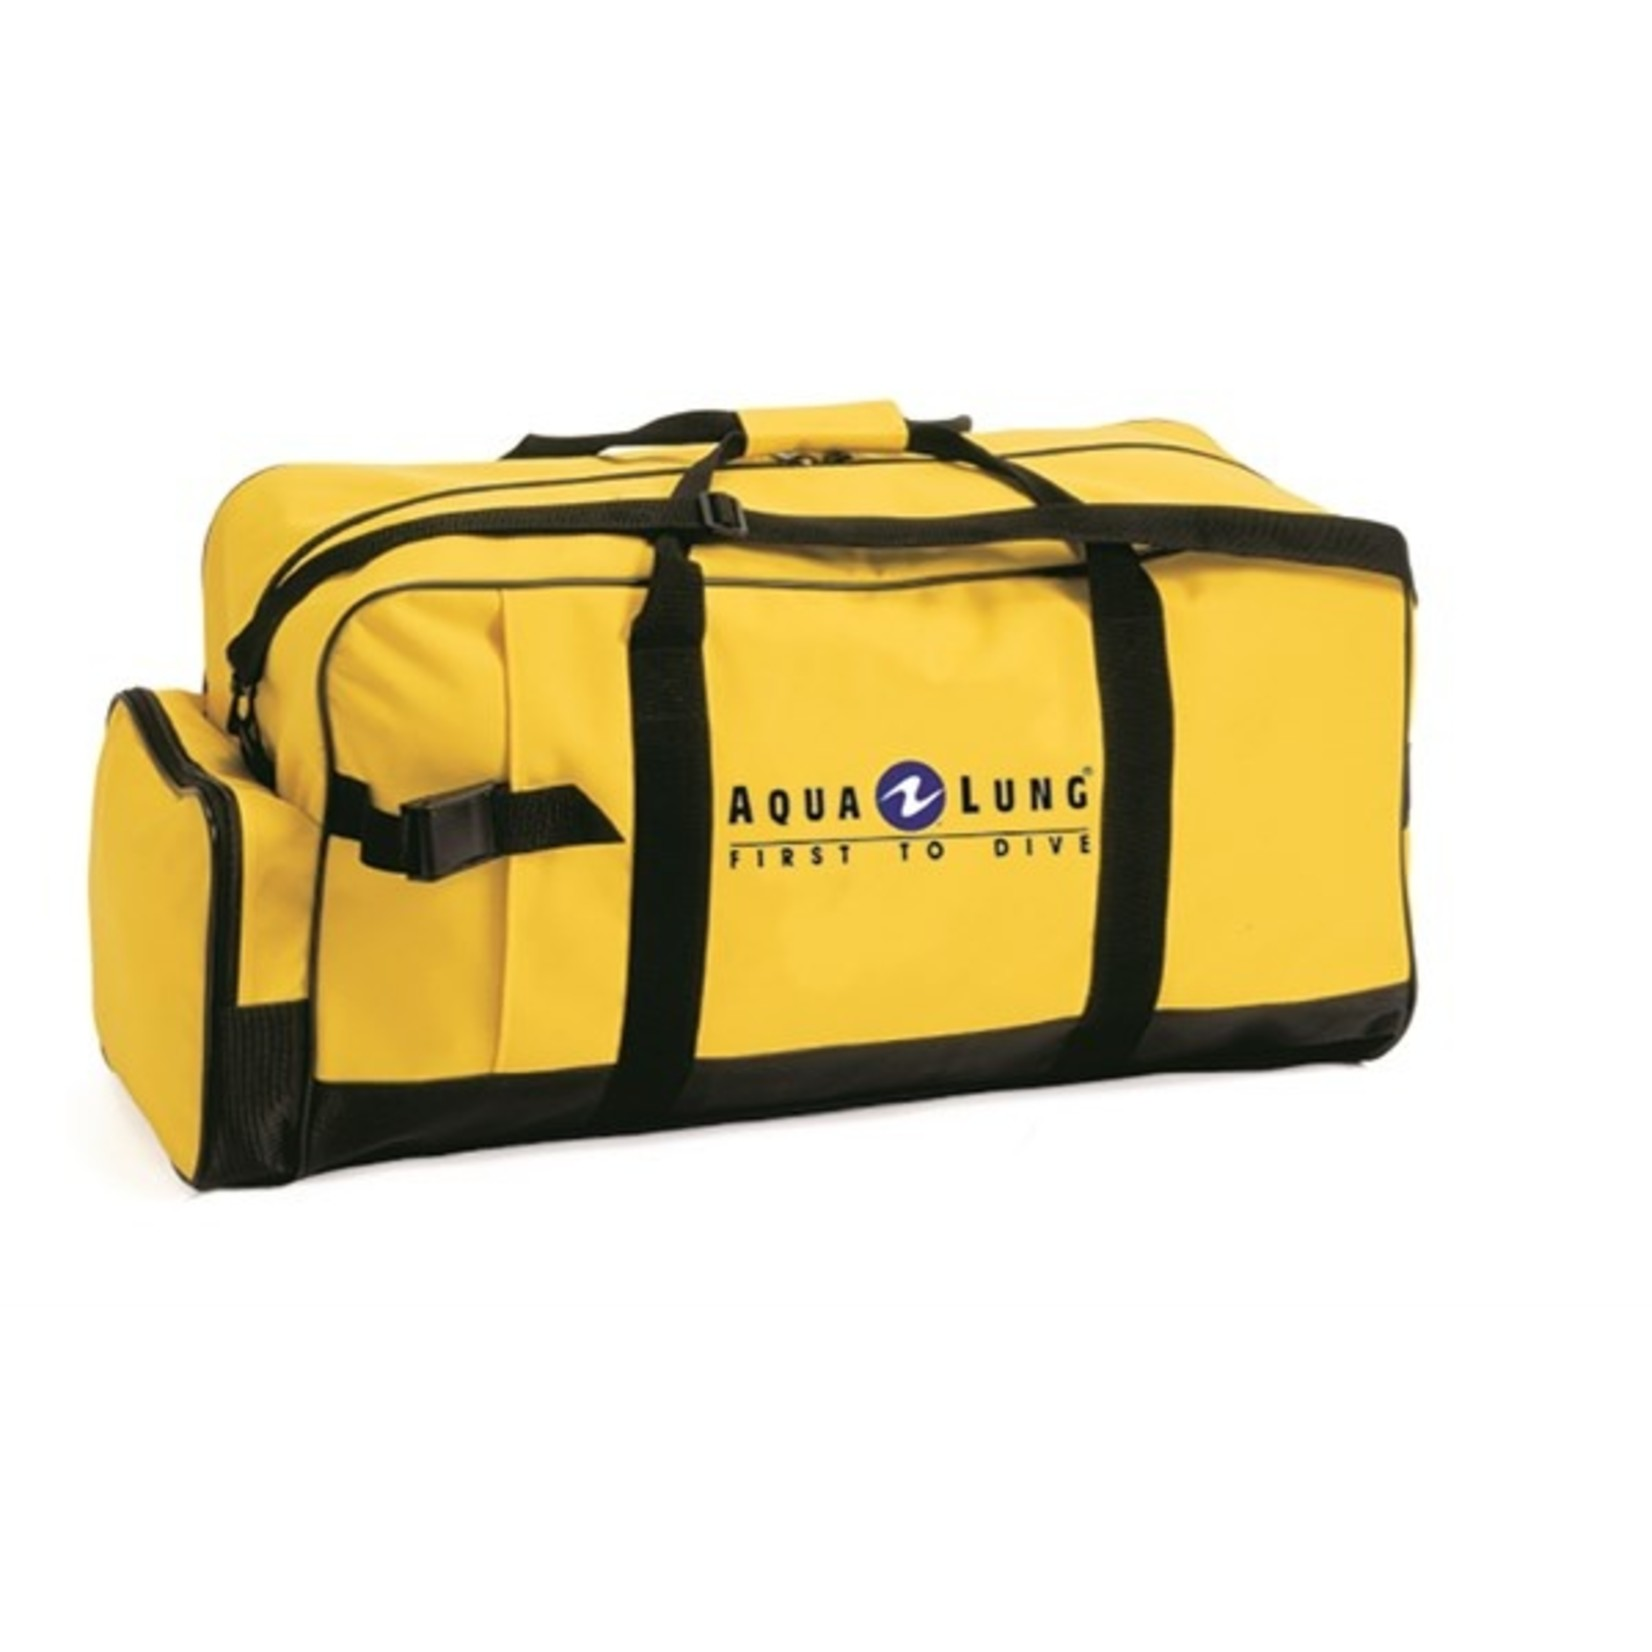 Aqua Lung Classic Bag Aqualung